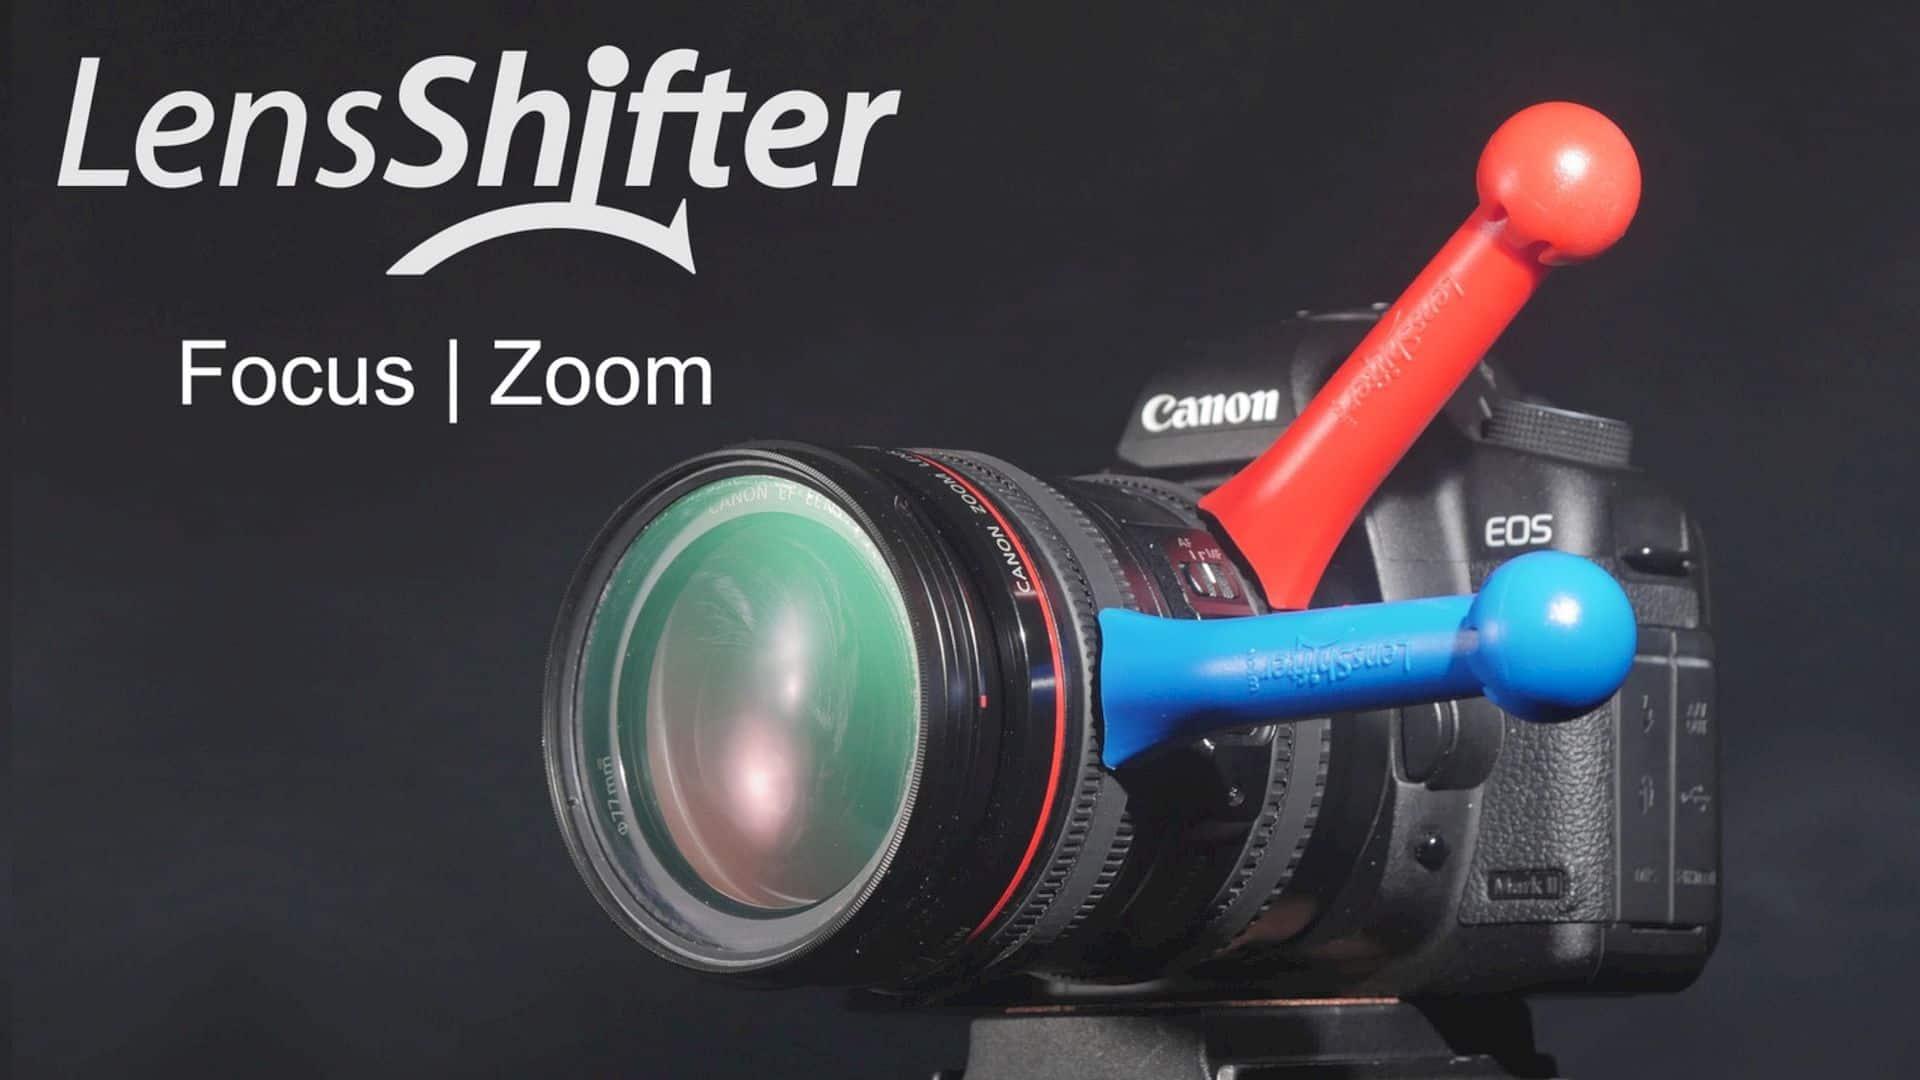 Lensshifter 8